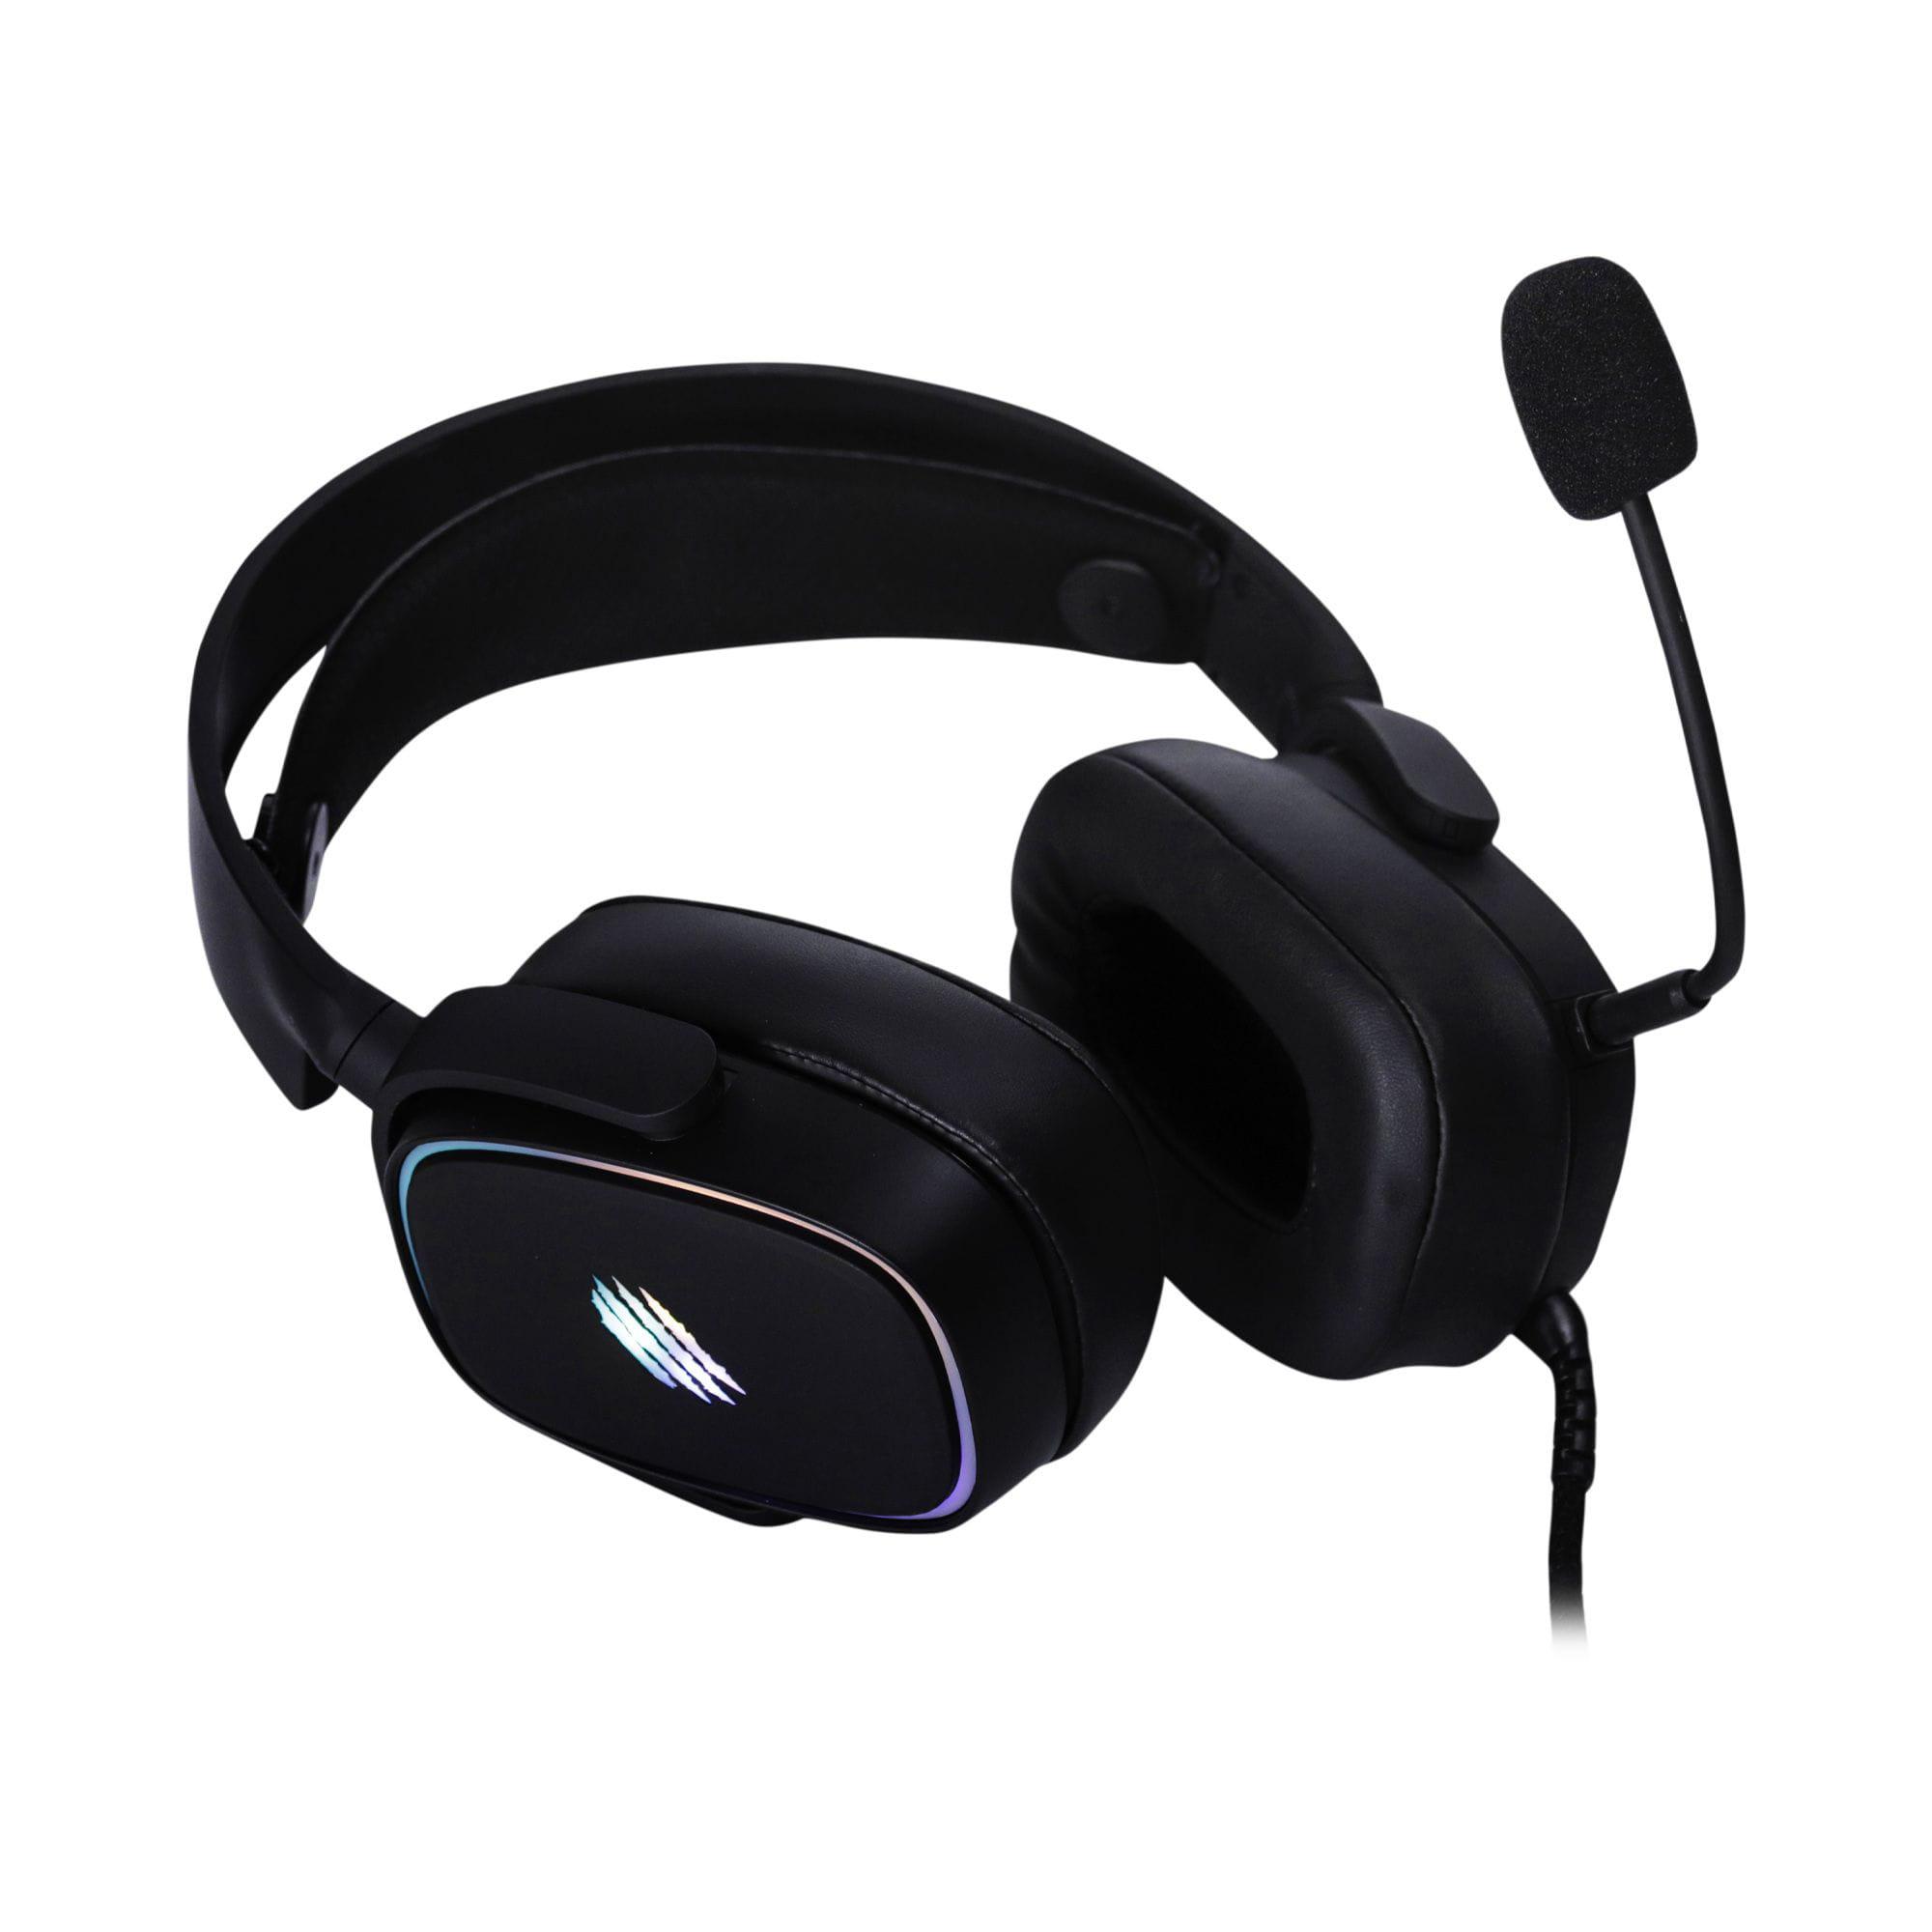 HEADSET GAMER RGB ZION PR HS415